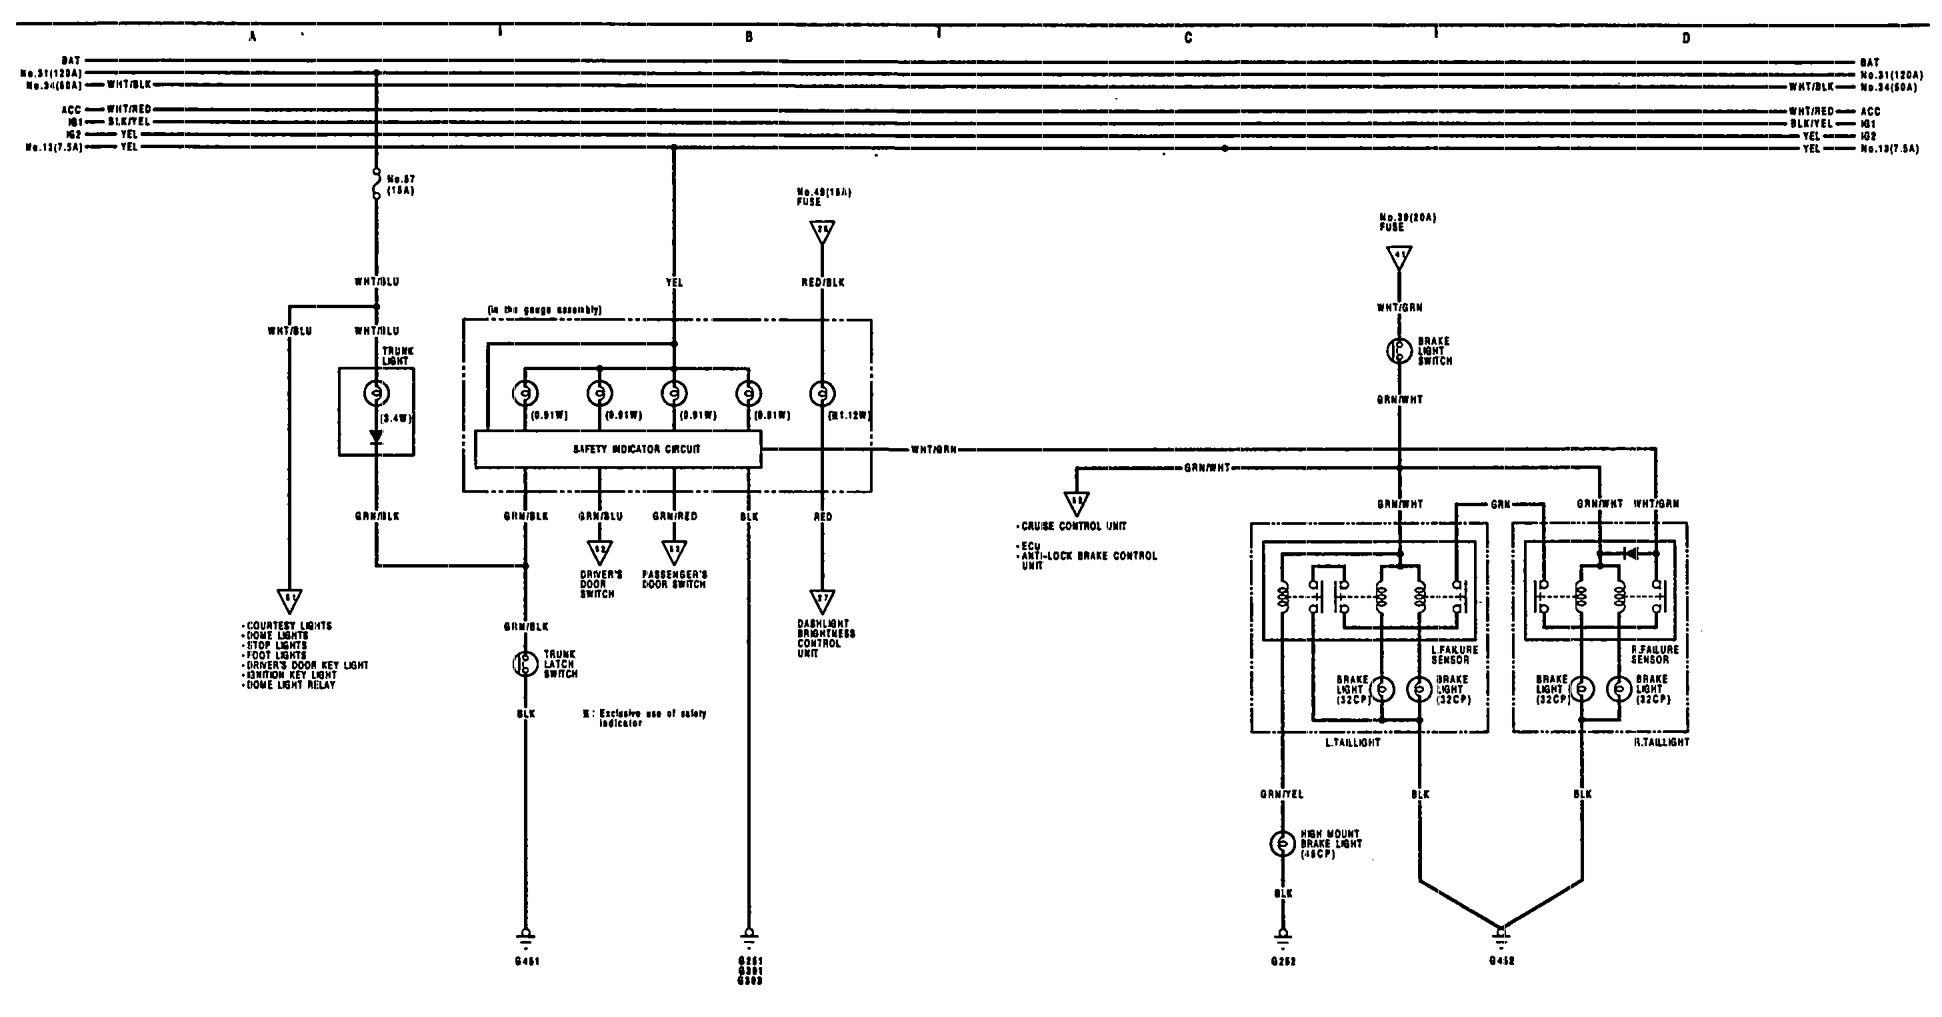 honda legend wiring diagram acura legend (1991) - wiring diagrams - warning indicator ... 1991 legend wiring diagram